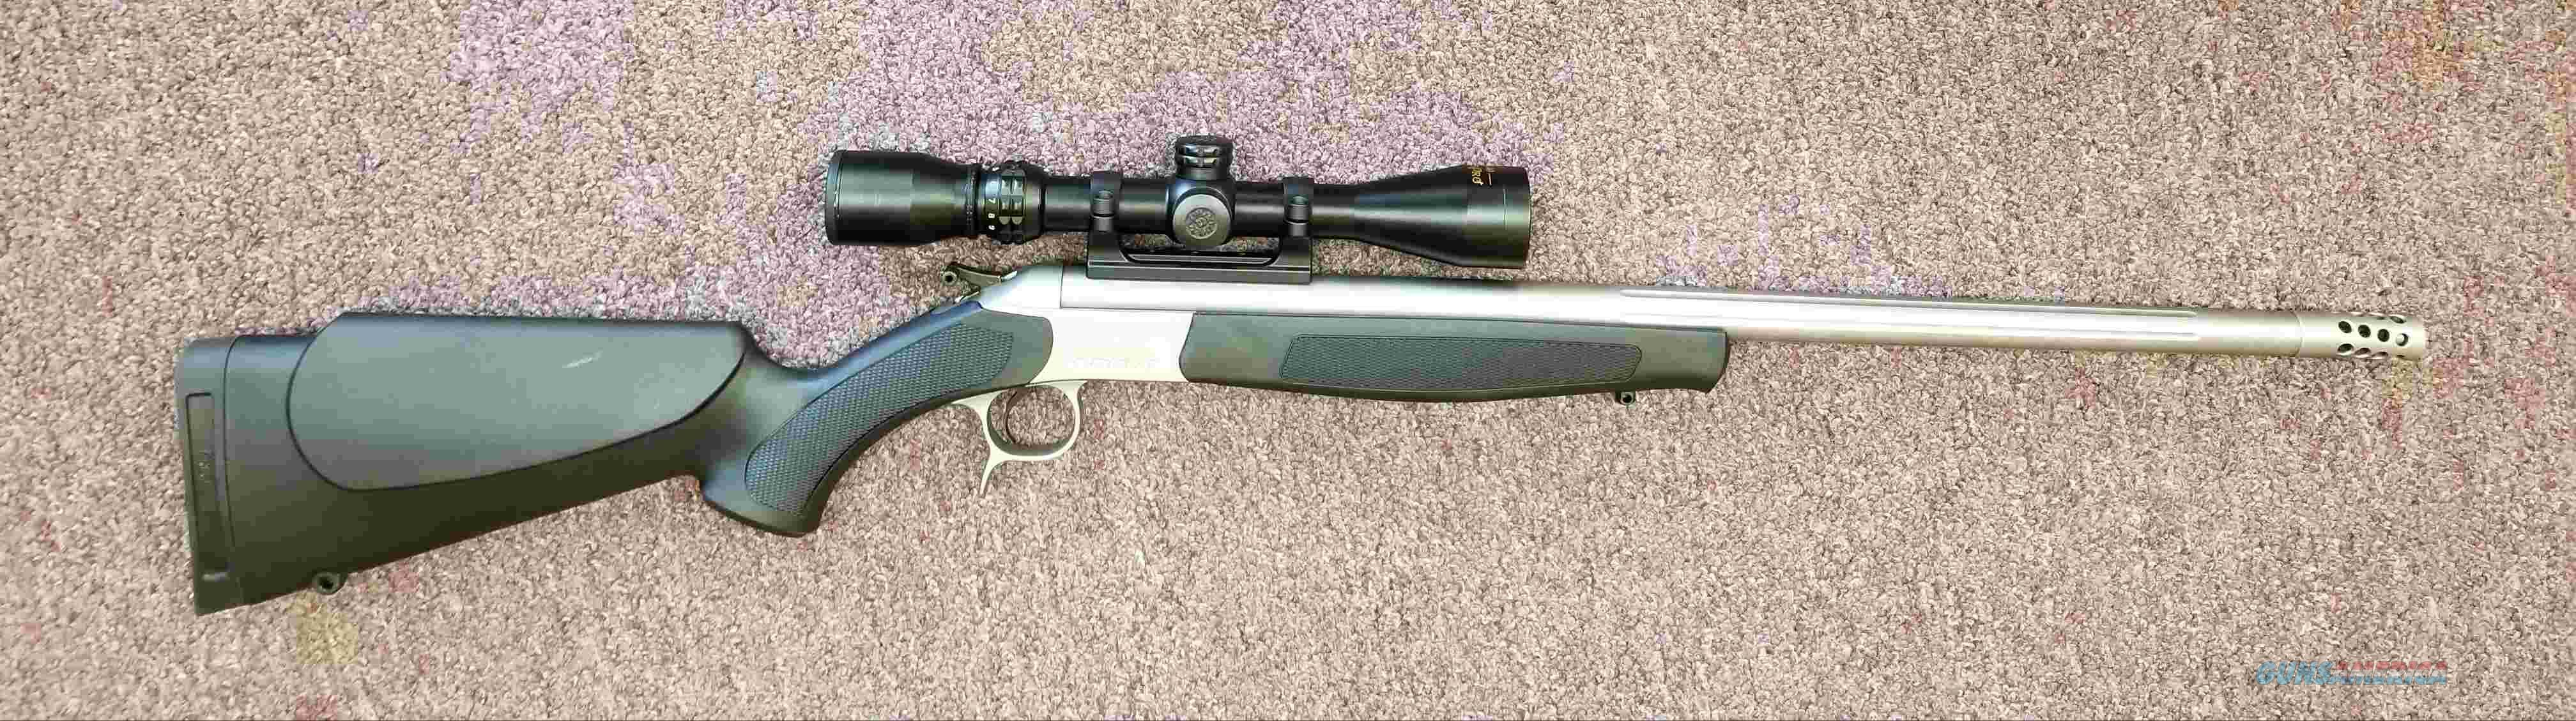 CVA Scout 45/70 - Optics - Muzzle Brake - Free Shipping !!